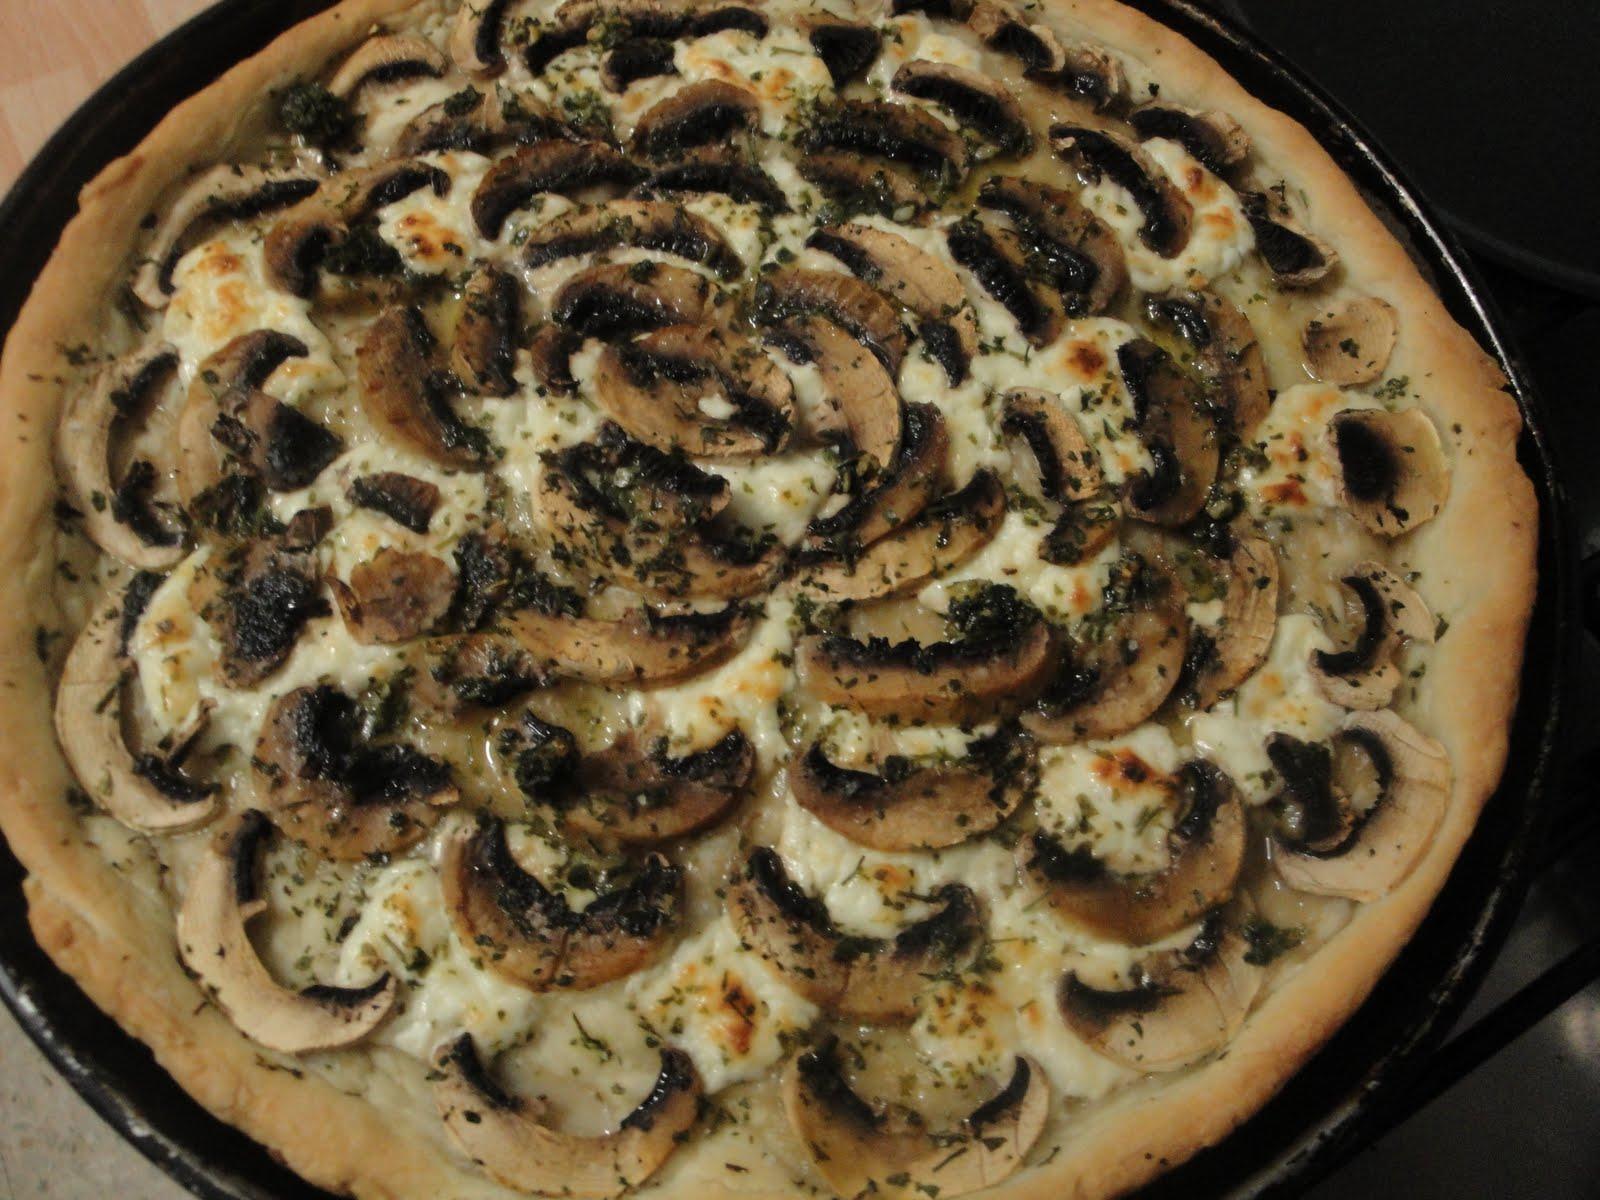 Cucinare in famiglia pizza con funghi champignons - Come cucinare champignon ...